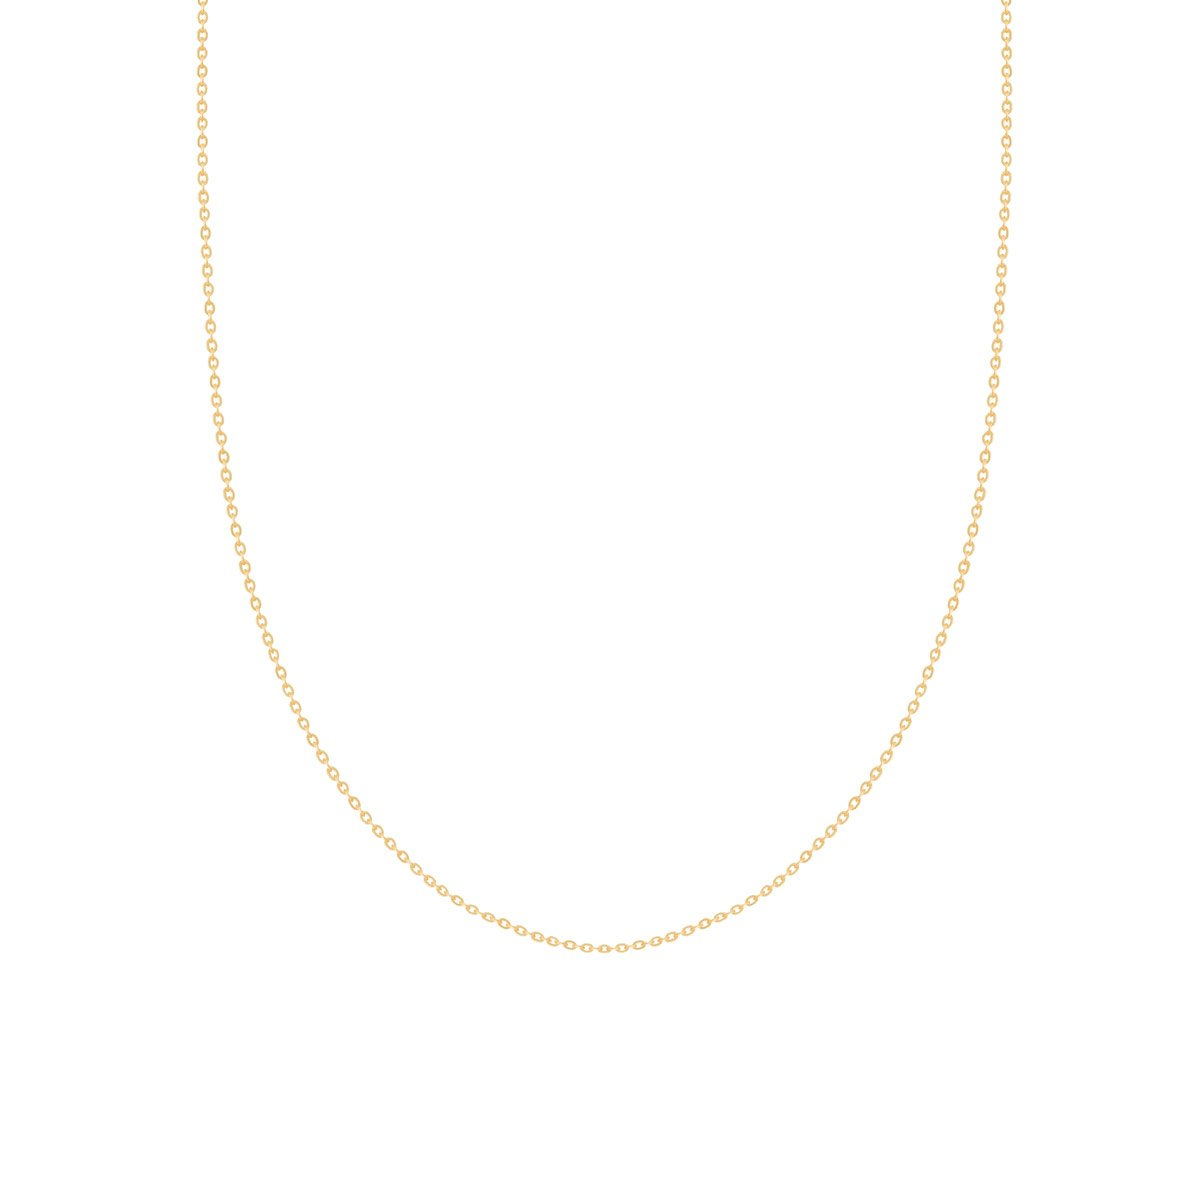 زنجیر گردنبند طلا فلامینگو سایز 2